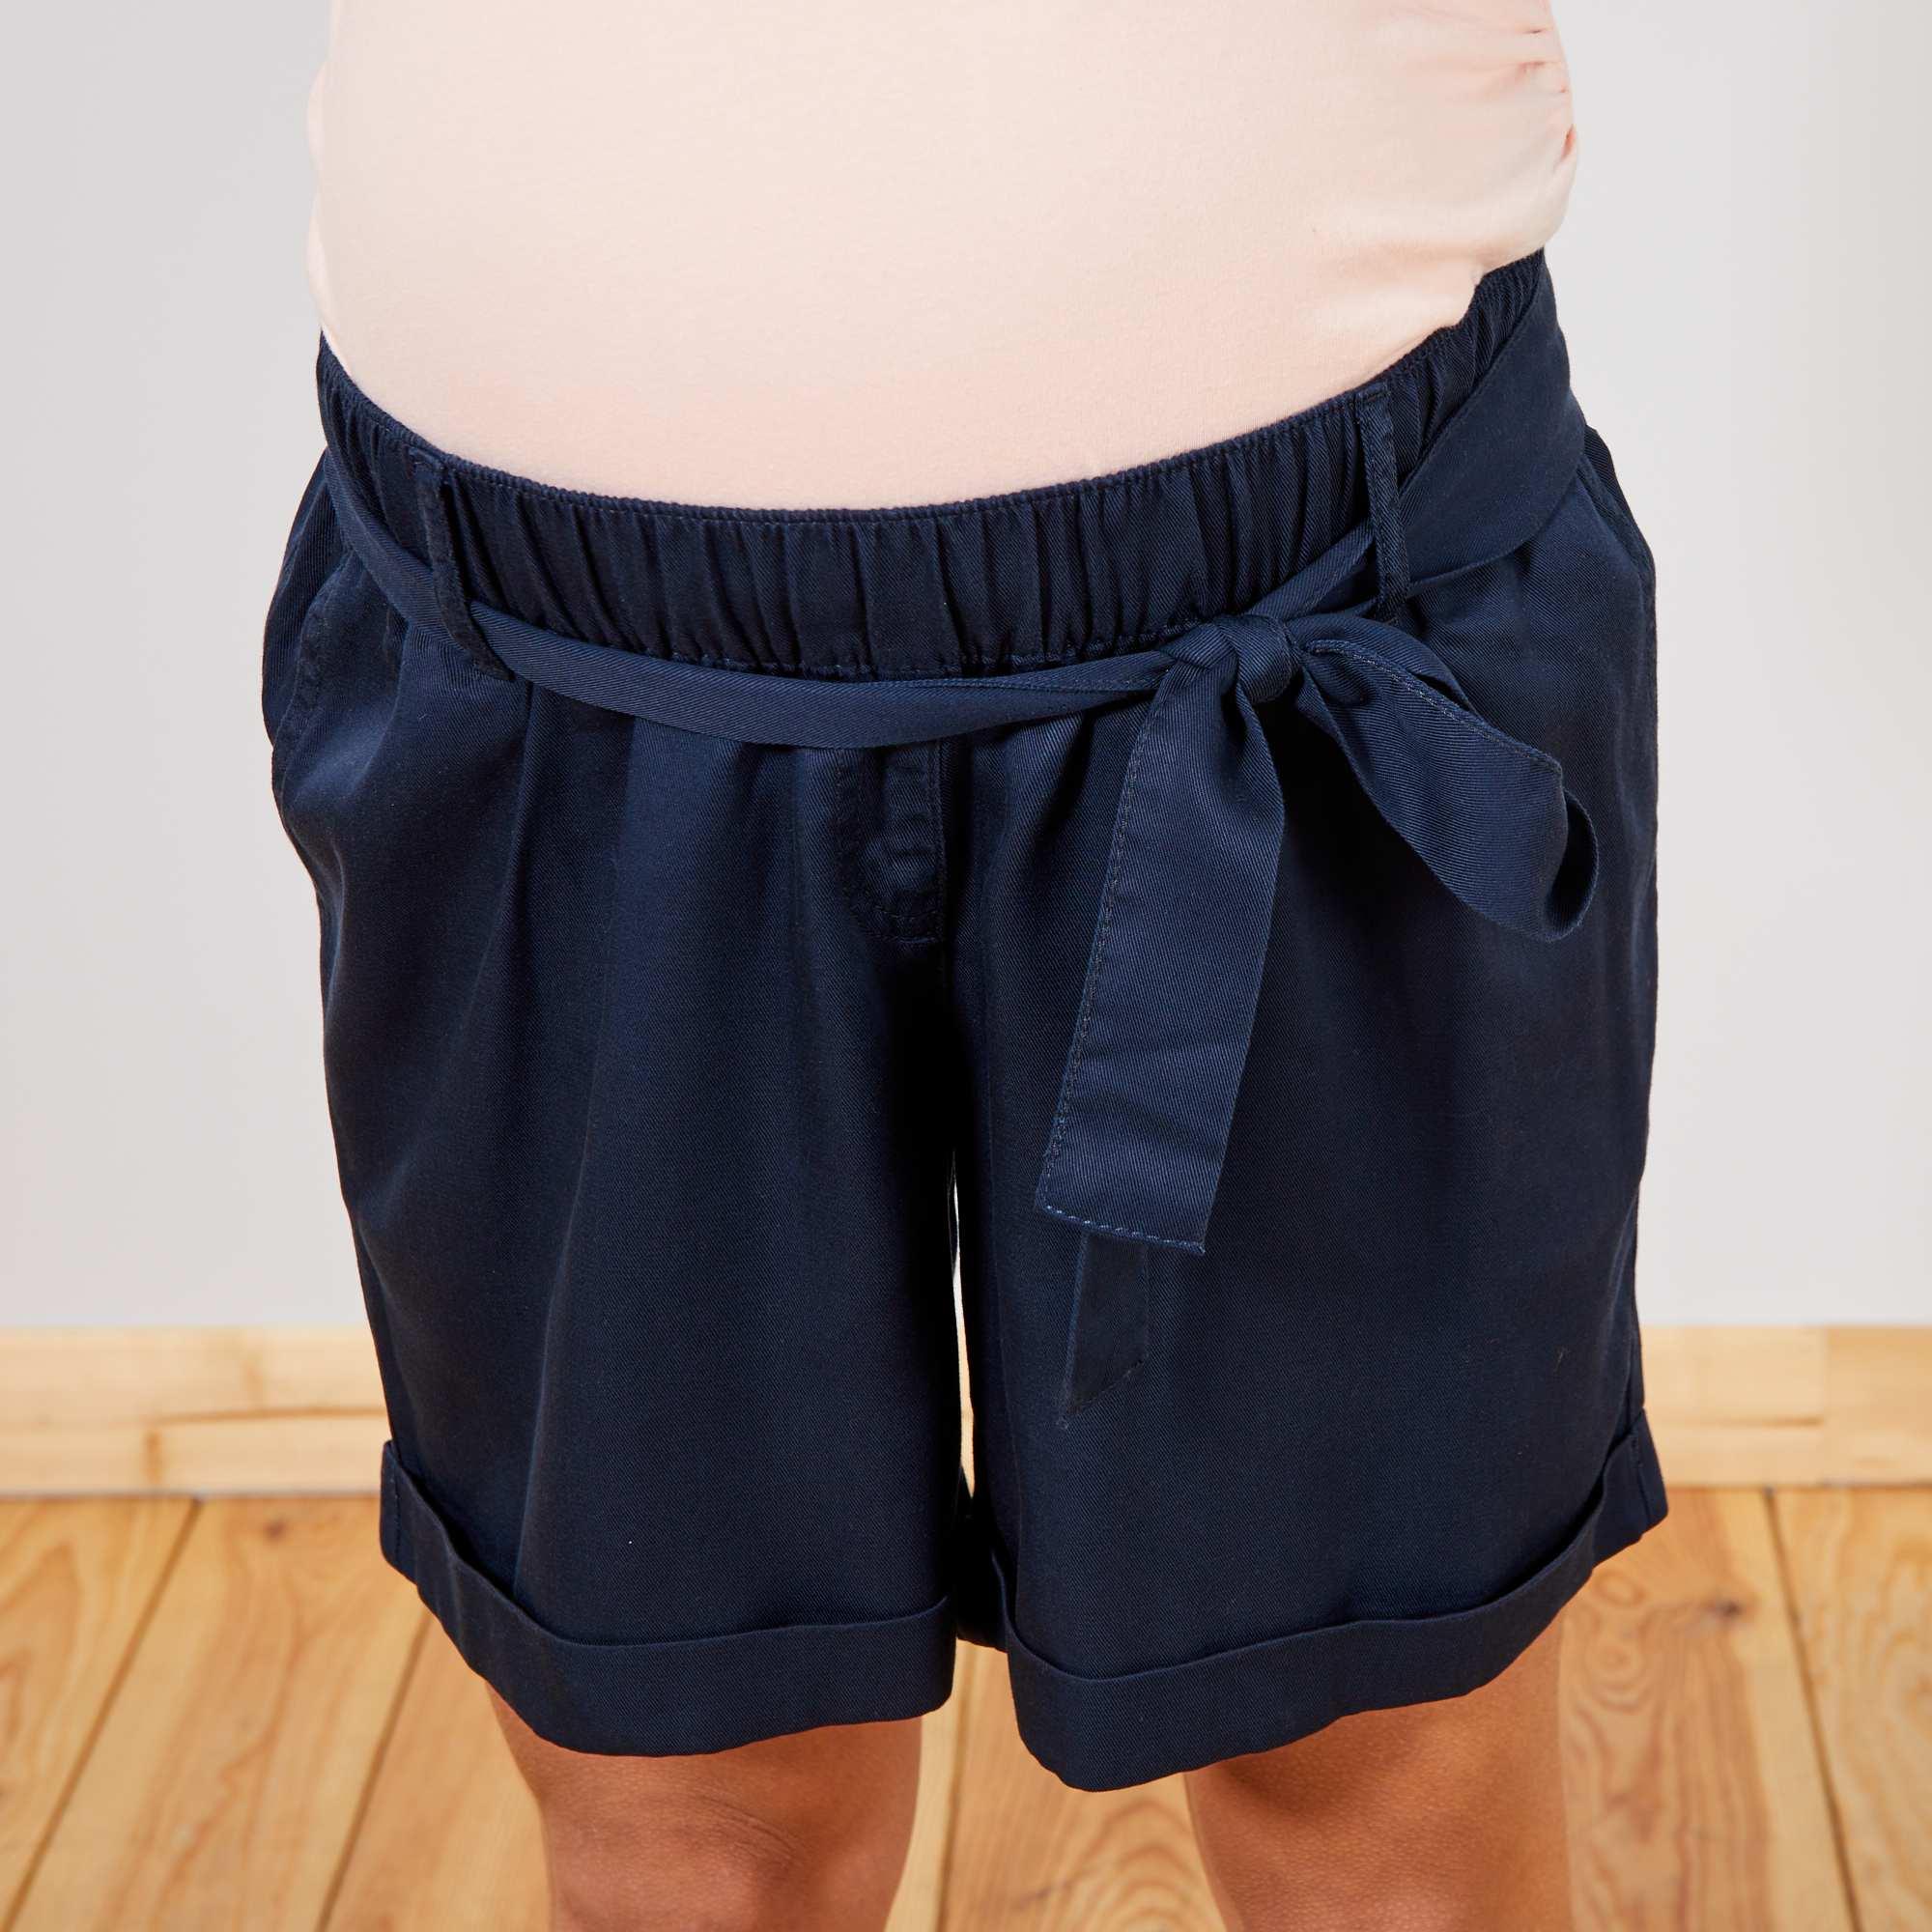 ed33ef1054 Short premamá vaporoso Premamá - azul - Kiabi - 15